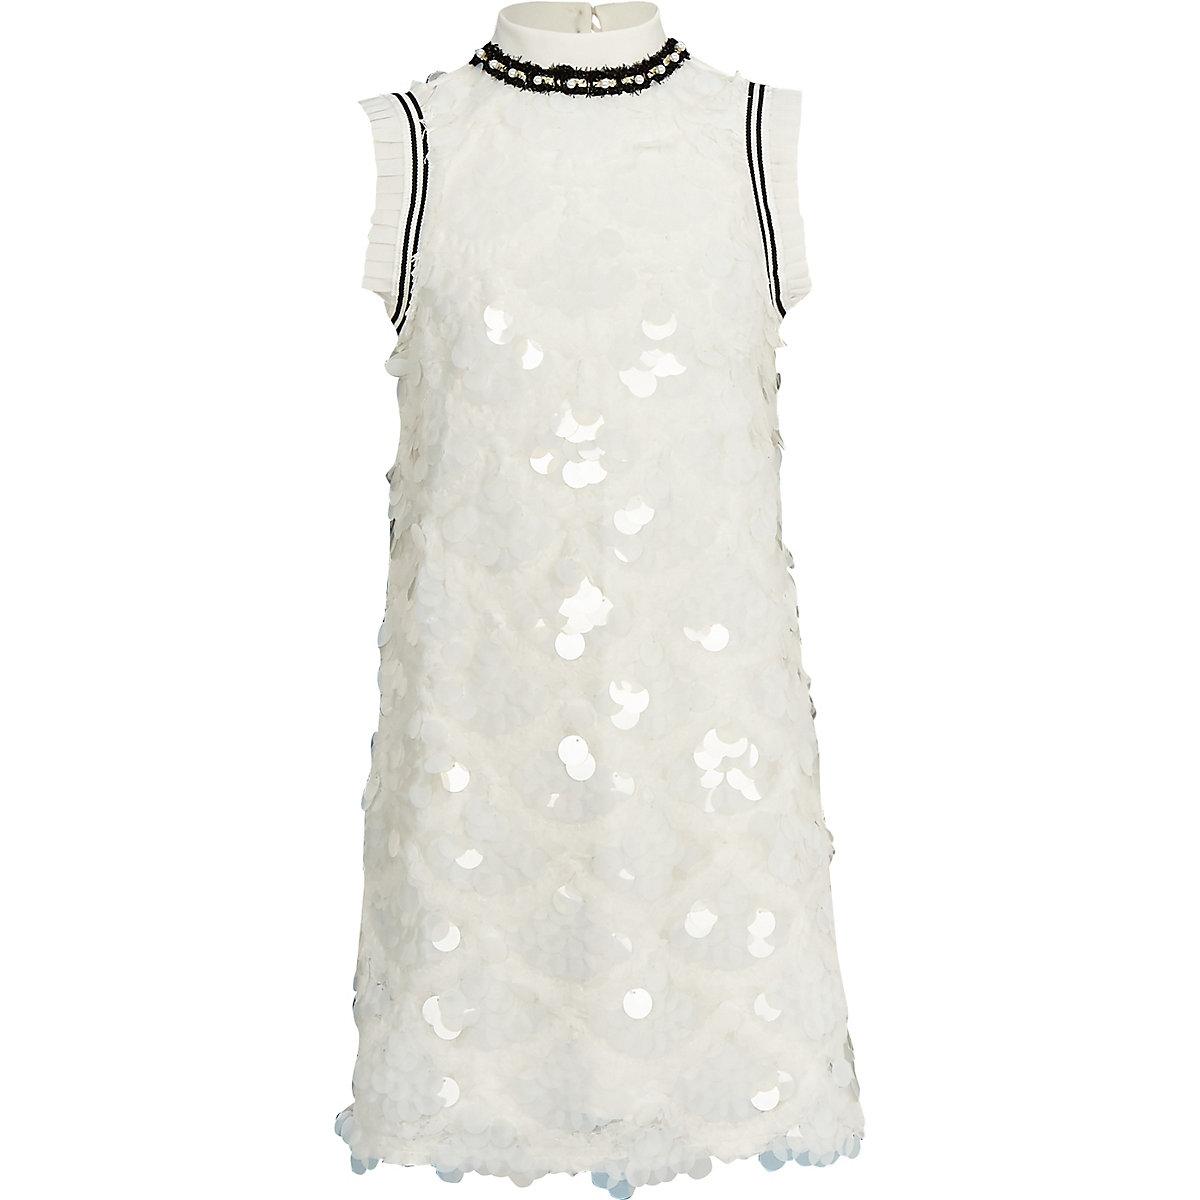 Girls white sequin shift dress